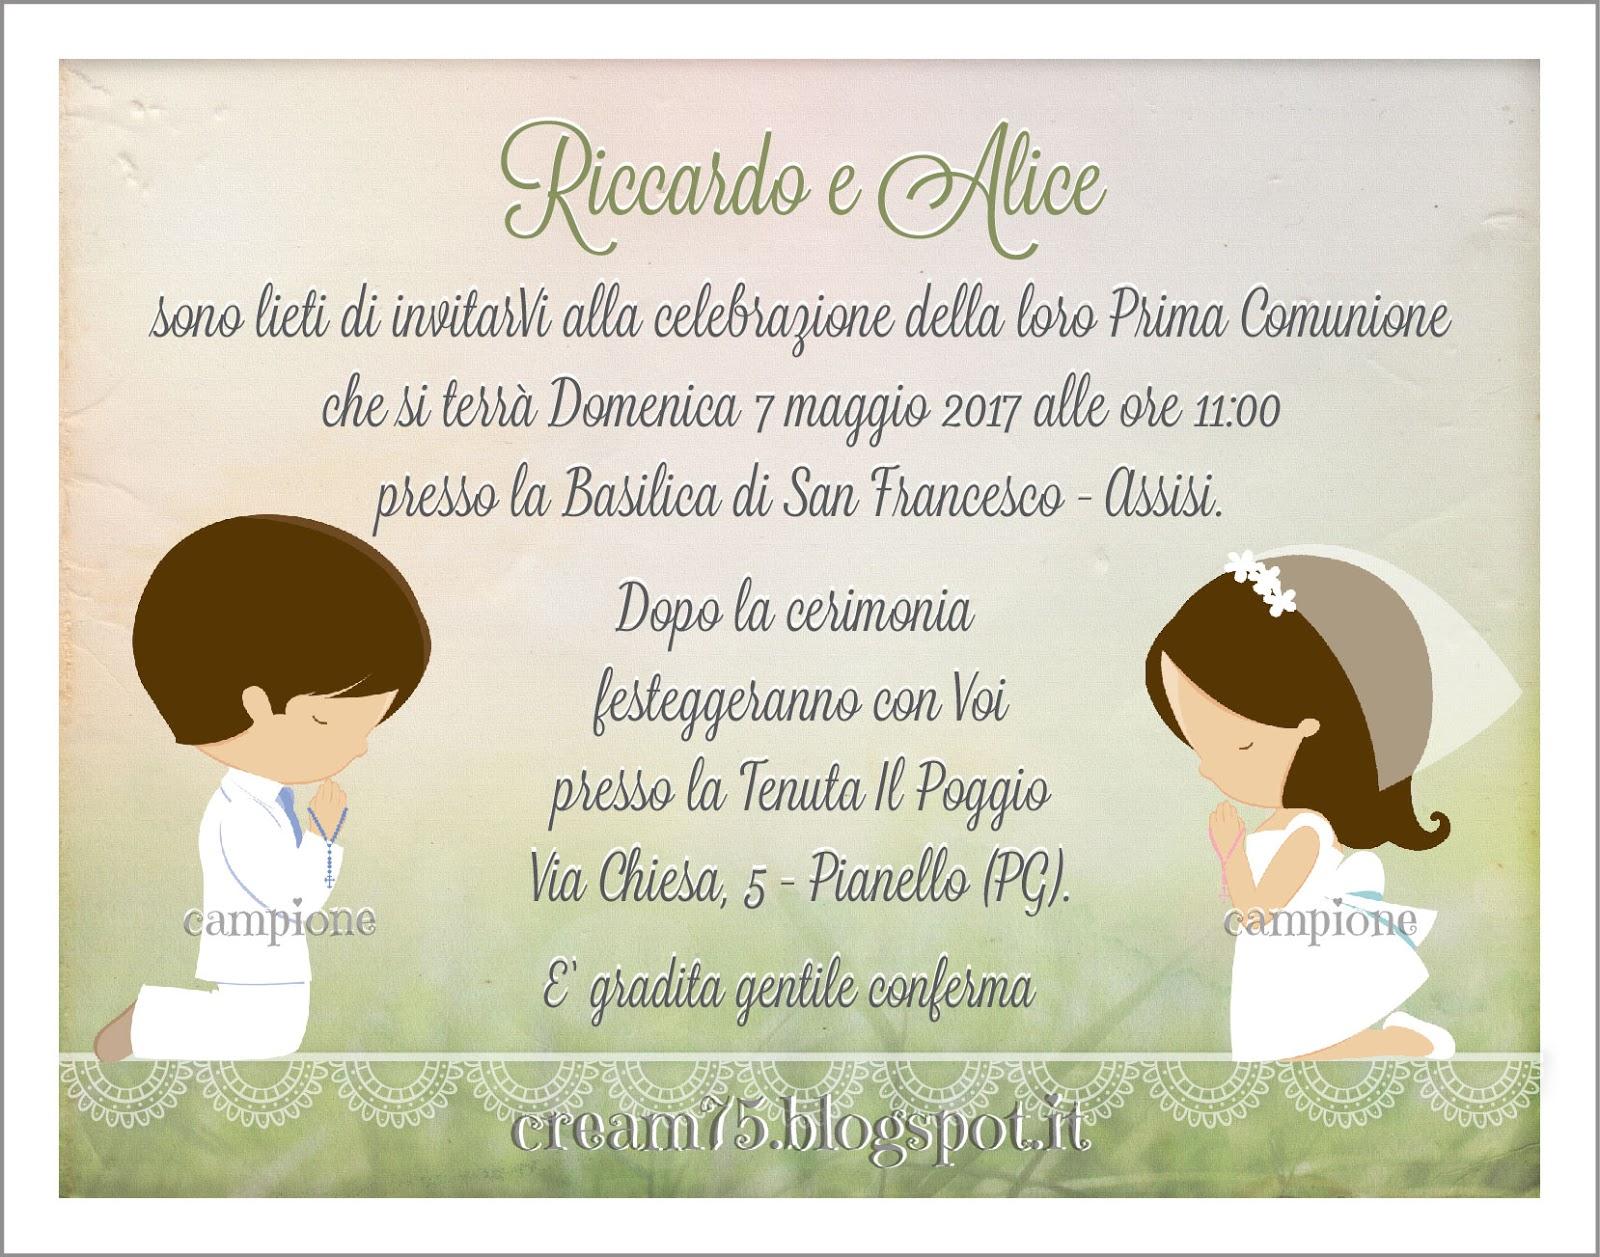 My sweet blog prima comunione invito gemelli - Gemelli diversi alla goccia testo ...